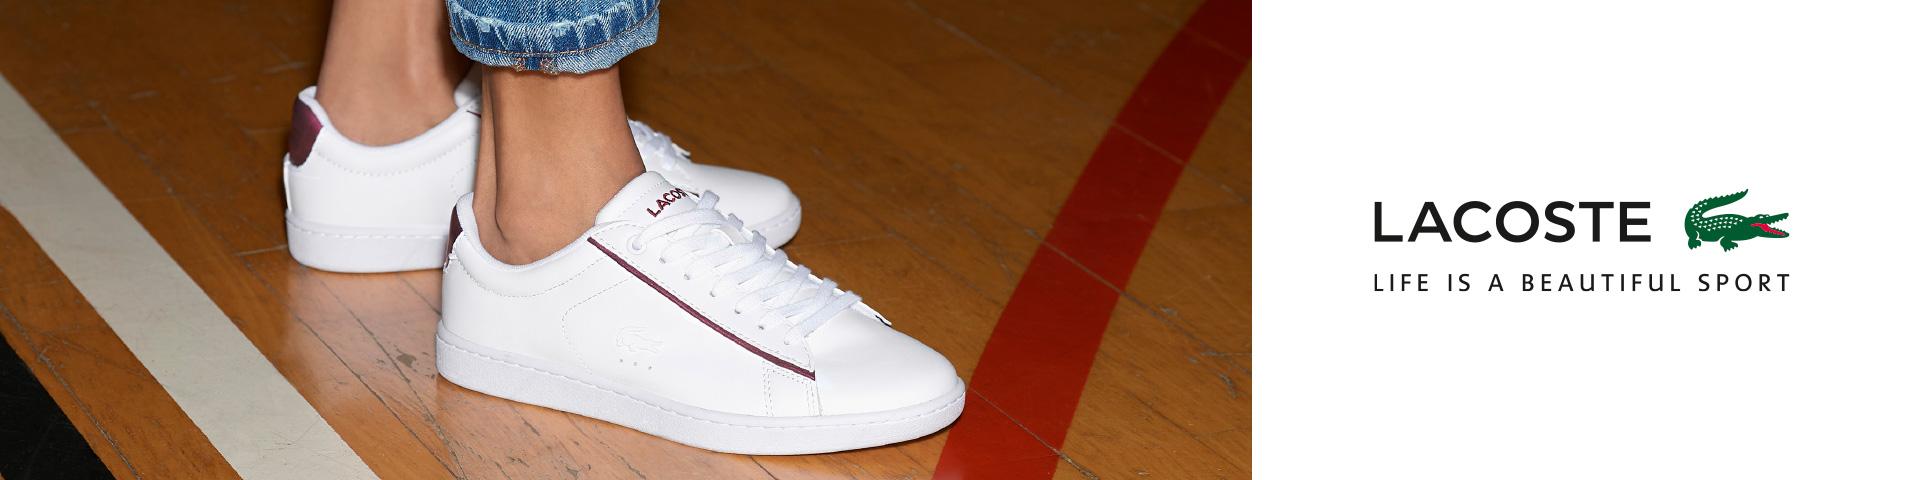 5e4c387040d63 Chaussures femme Lacoste   Livraison gratuite avec Zalando